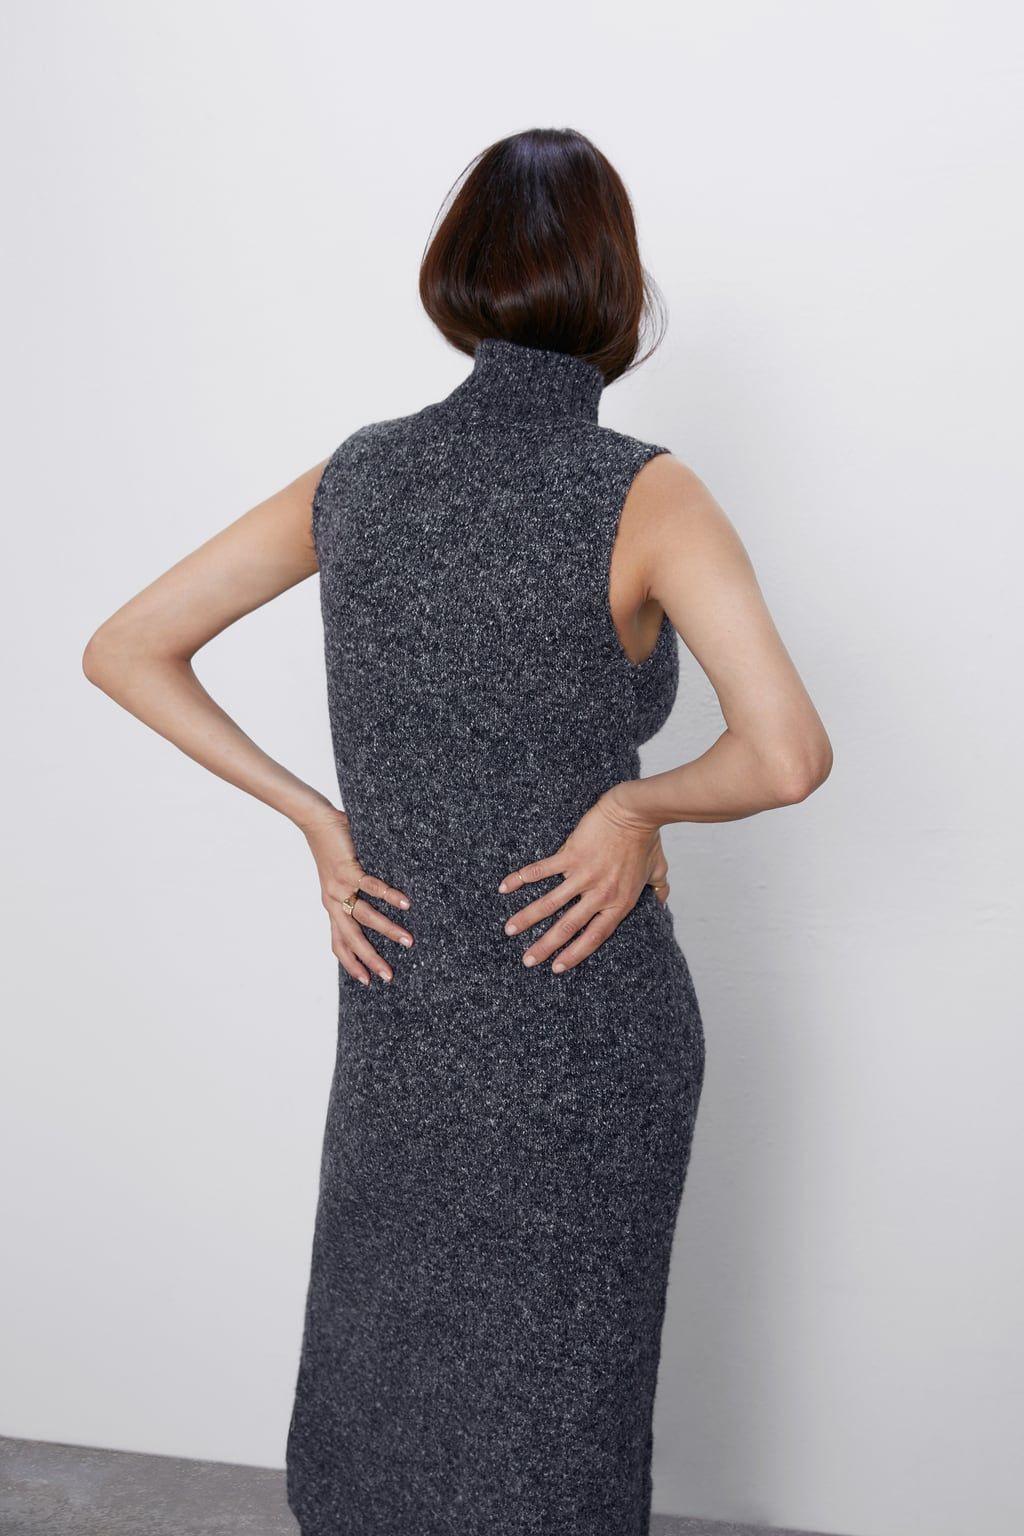 Langes Strickkleid Mit Bildern  Strickkleid Modestil